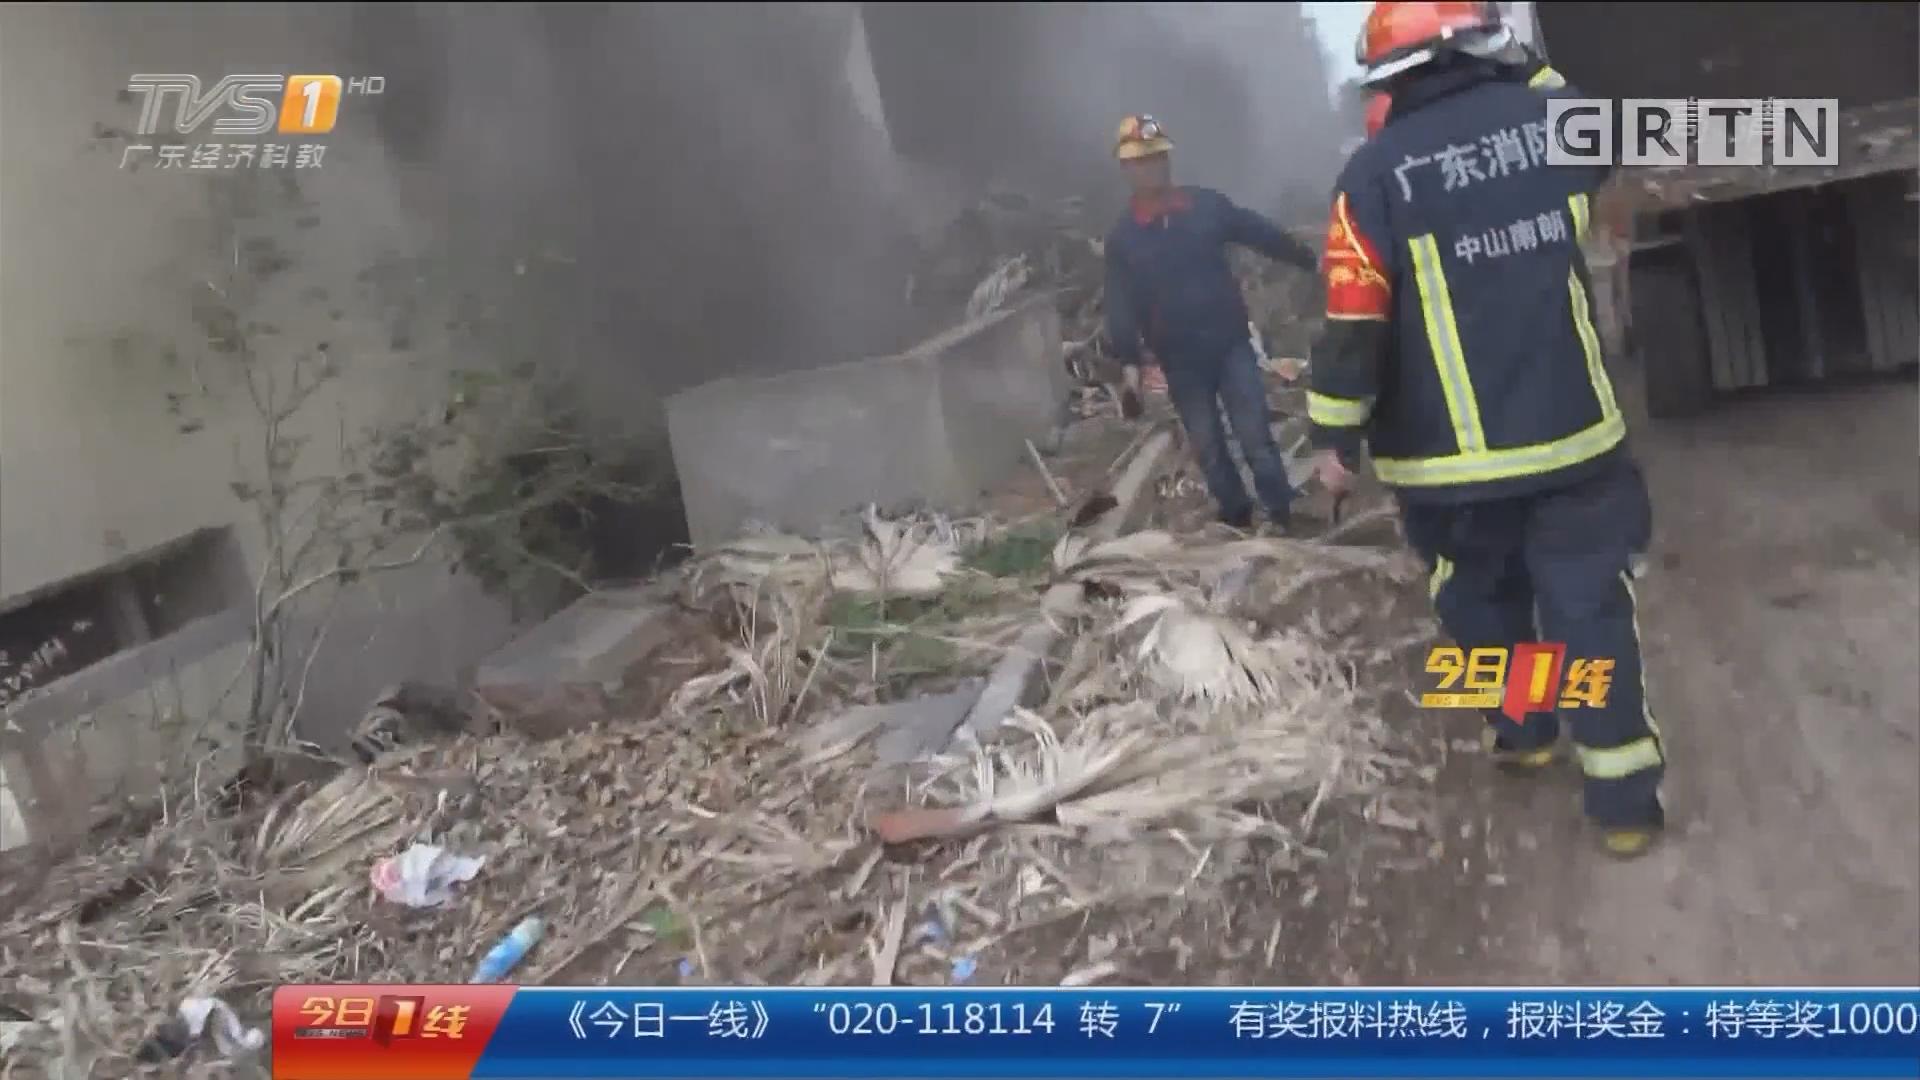 中山:荒废酒店起火 地下室浓烟滚滚